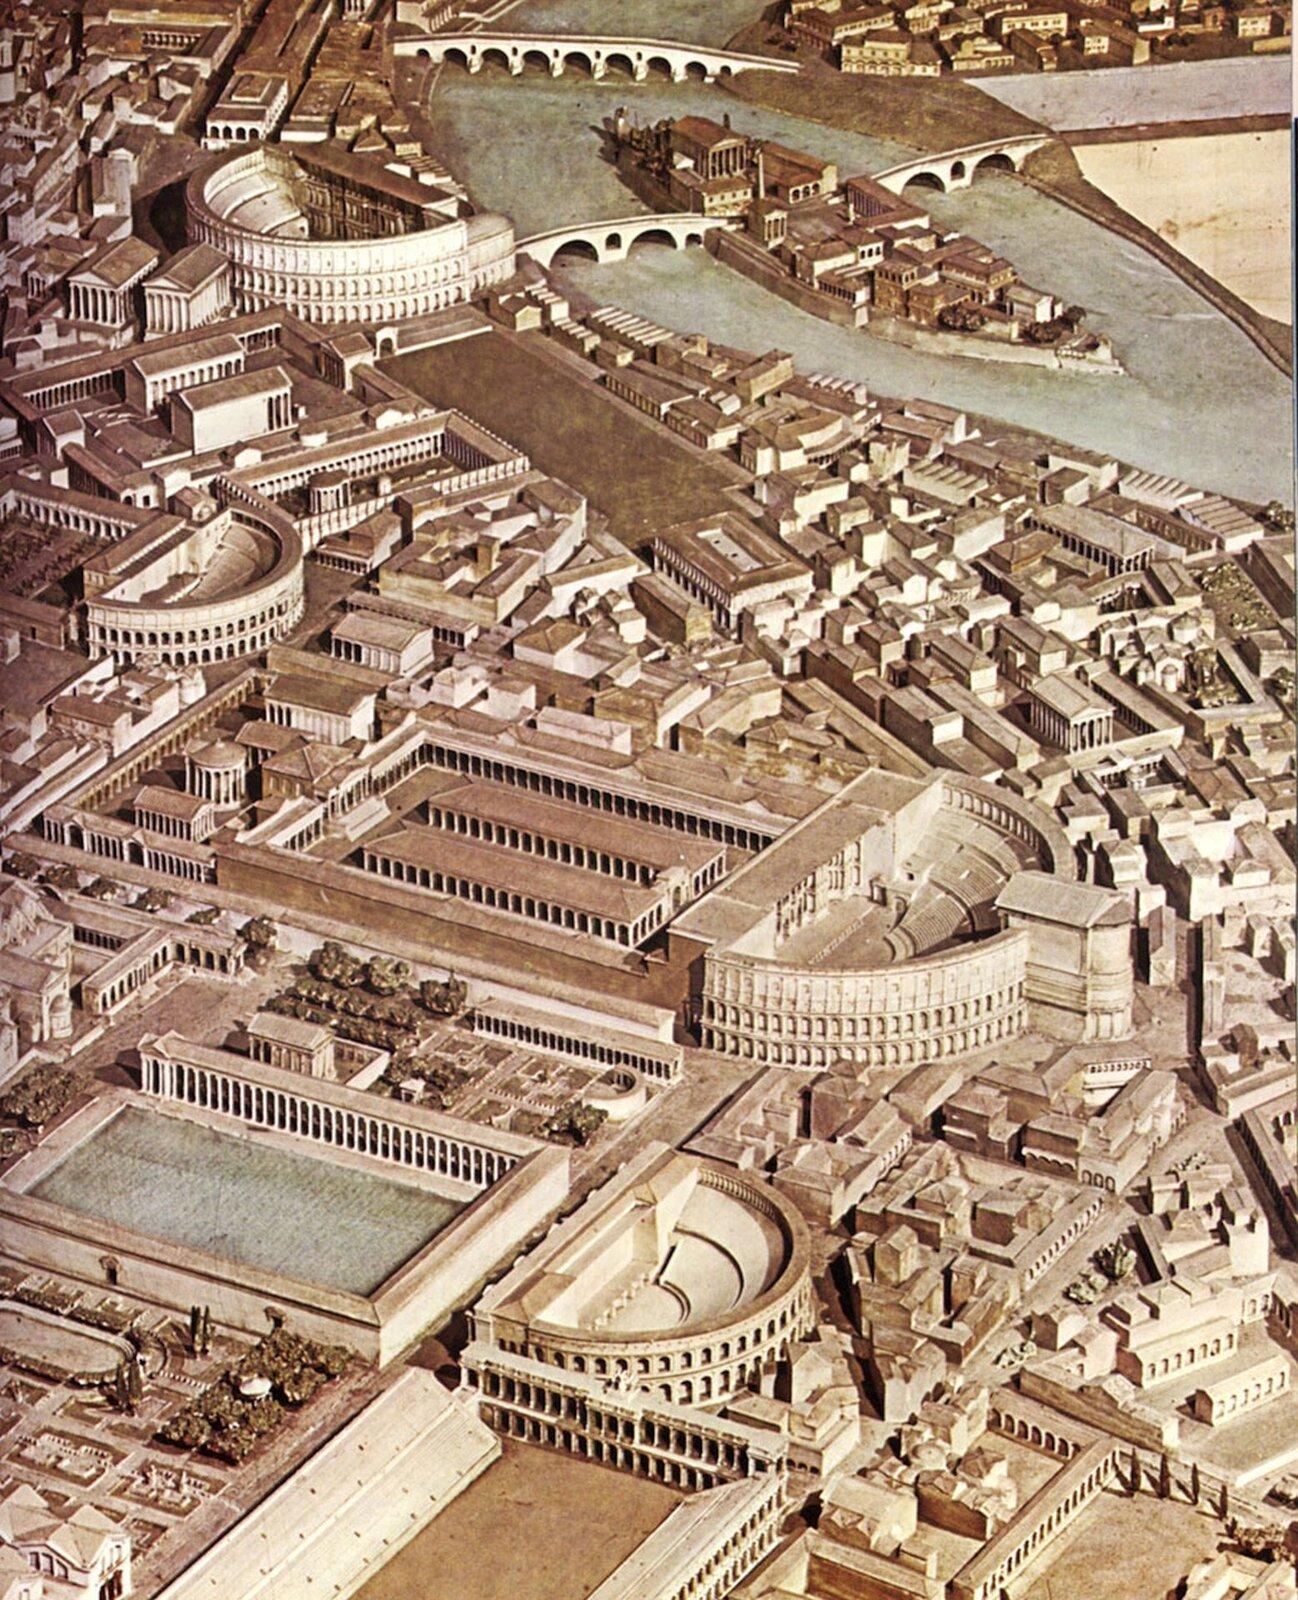 """Ilustracja przedstawia """"Model Pola Marsowego"""" autorstwa The Pompey Project iprzedstawia komputerową wizualizację Pola Marsowego, na którym znajdują się teatry, place oraz liczne budowle.  Wgórnej-prawej części ilustracji znajduje się rzeka oraz mosty, które łączą brzegi miasta Rzymu."""